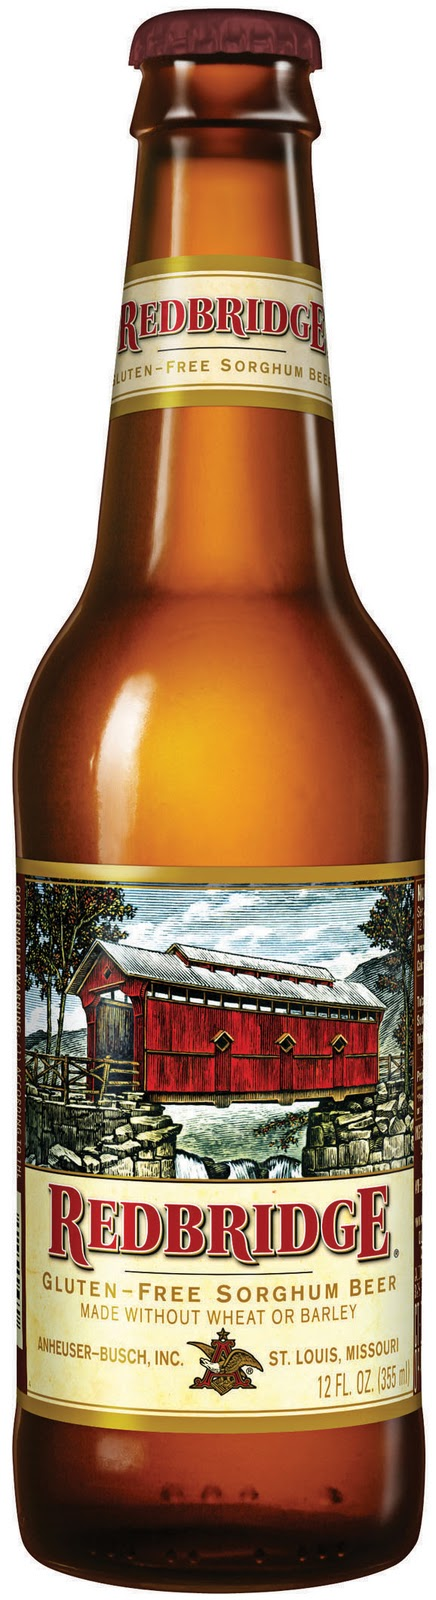 Redbridge Gluten Free Sorghum Beer Gluten Free Beer Redbridge